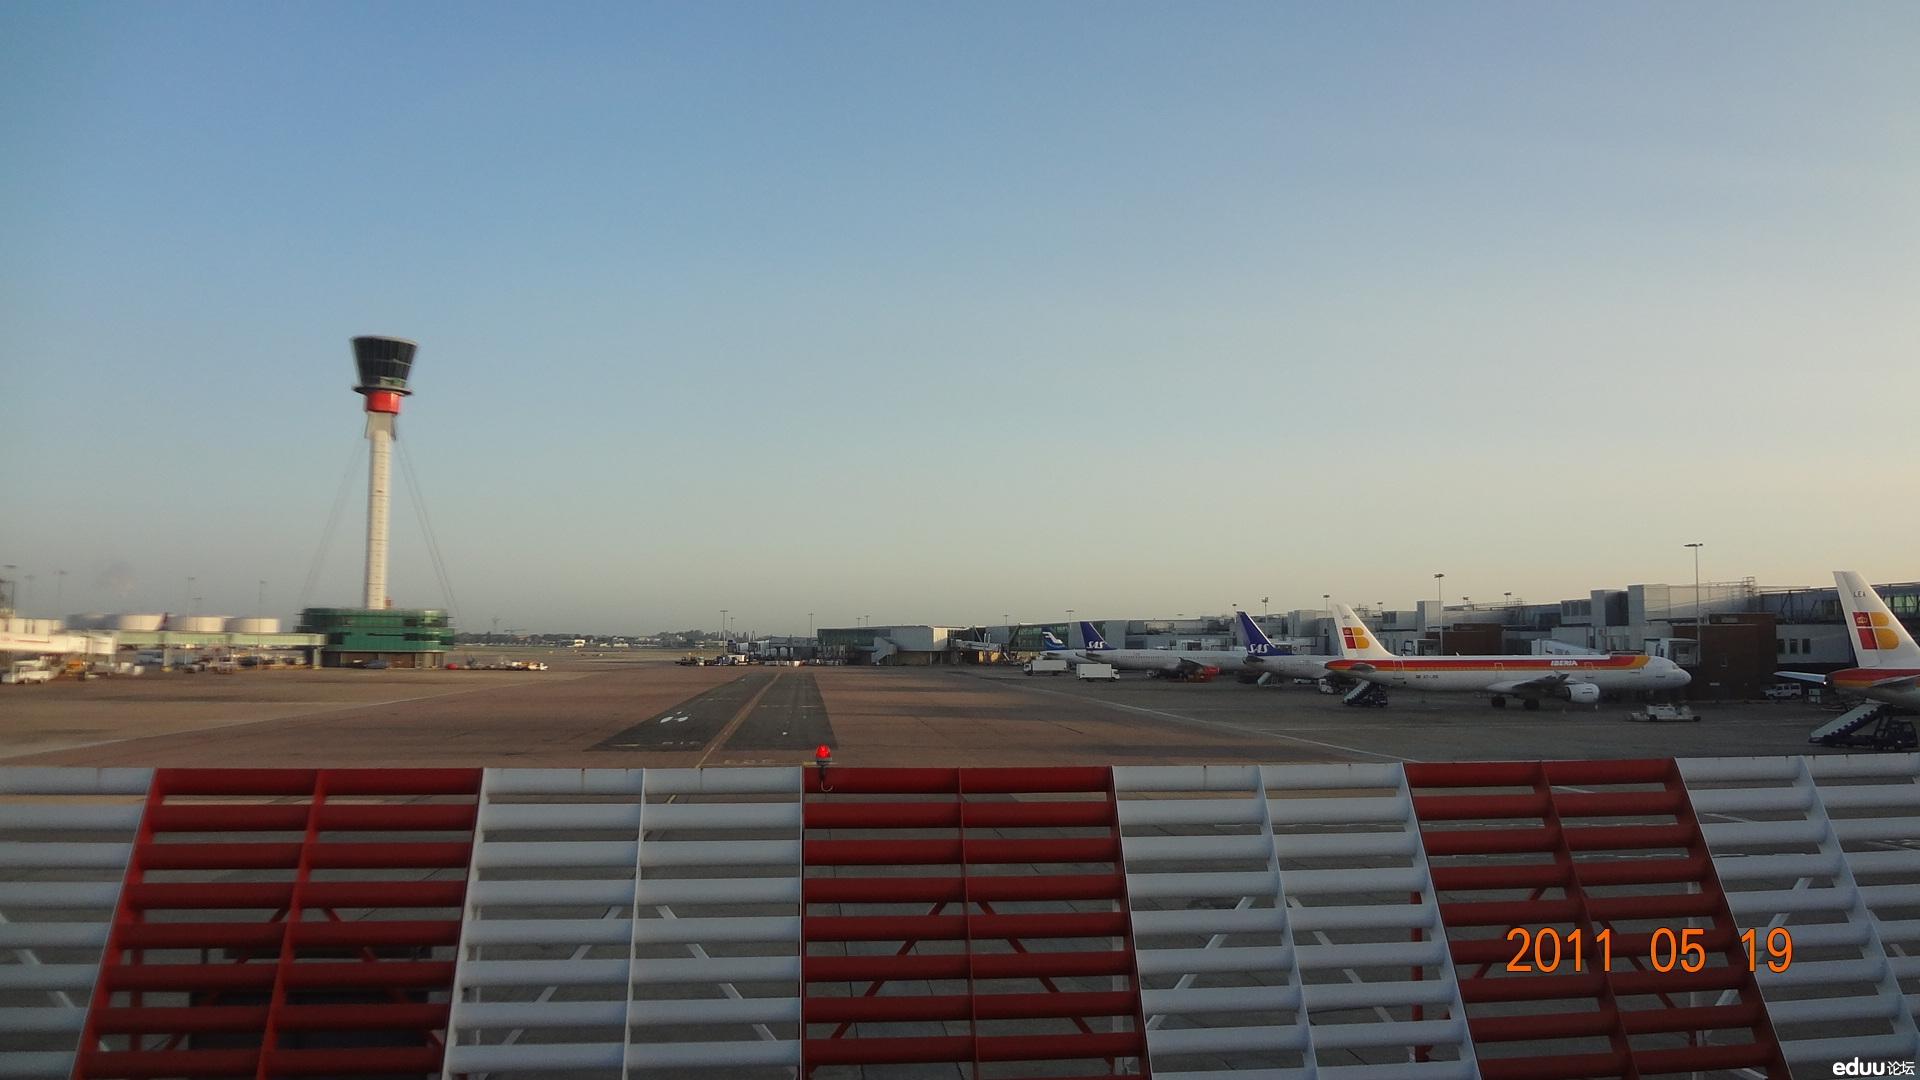 英国伦敦有四座国际机场,这是希斯罗机场,最大,是世界上最繁